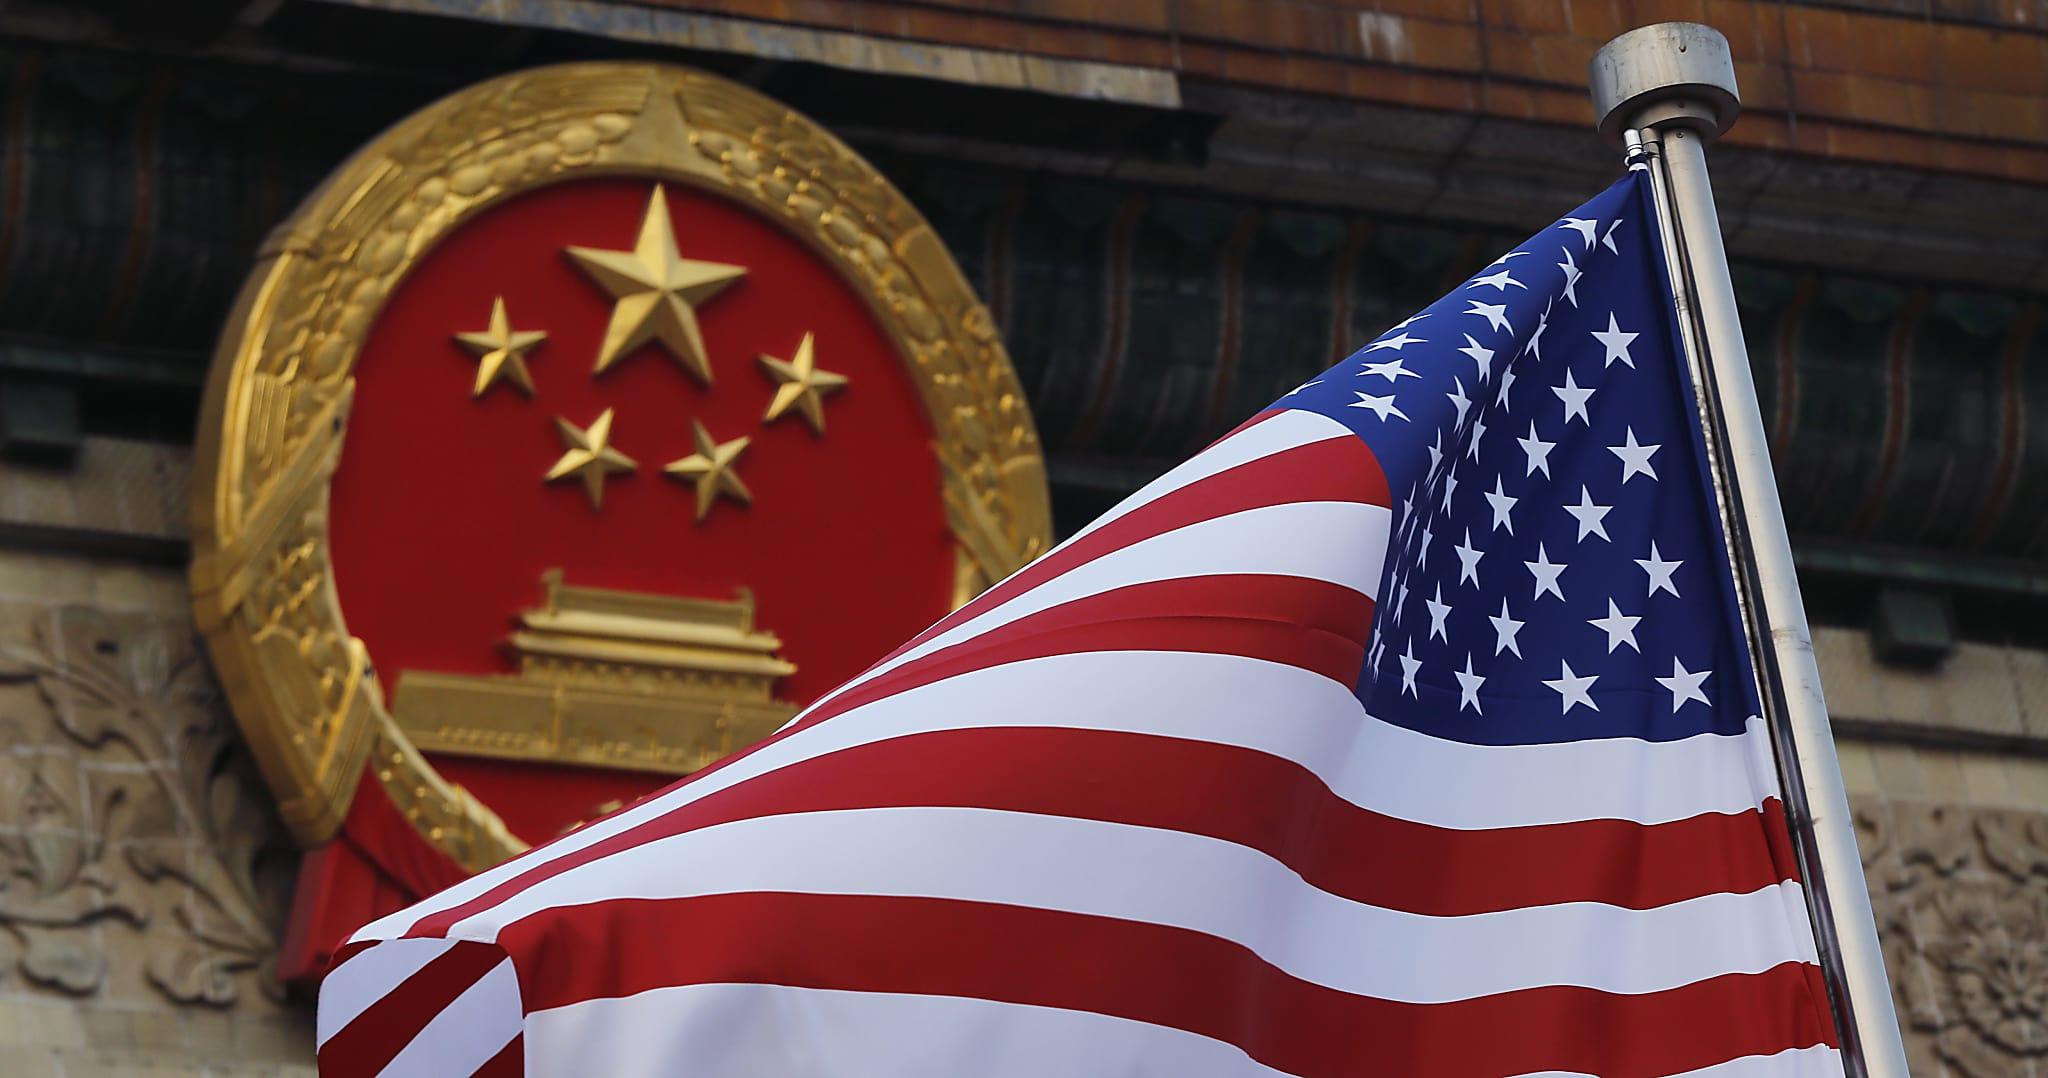 Estadounidense En China Se Queja De Sonidos Extraños.